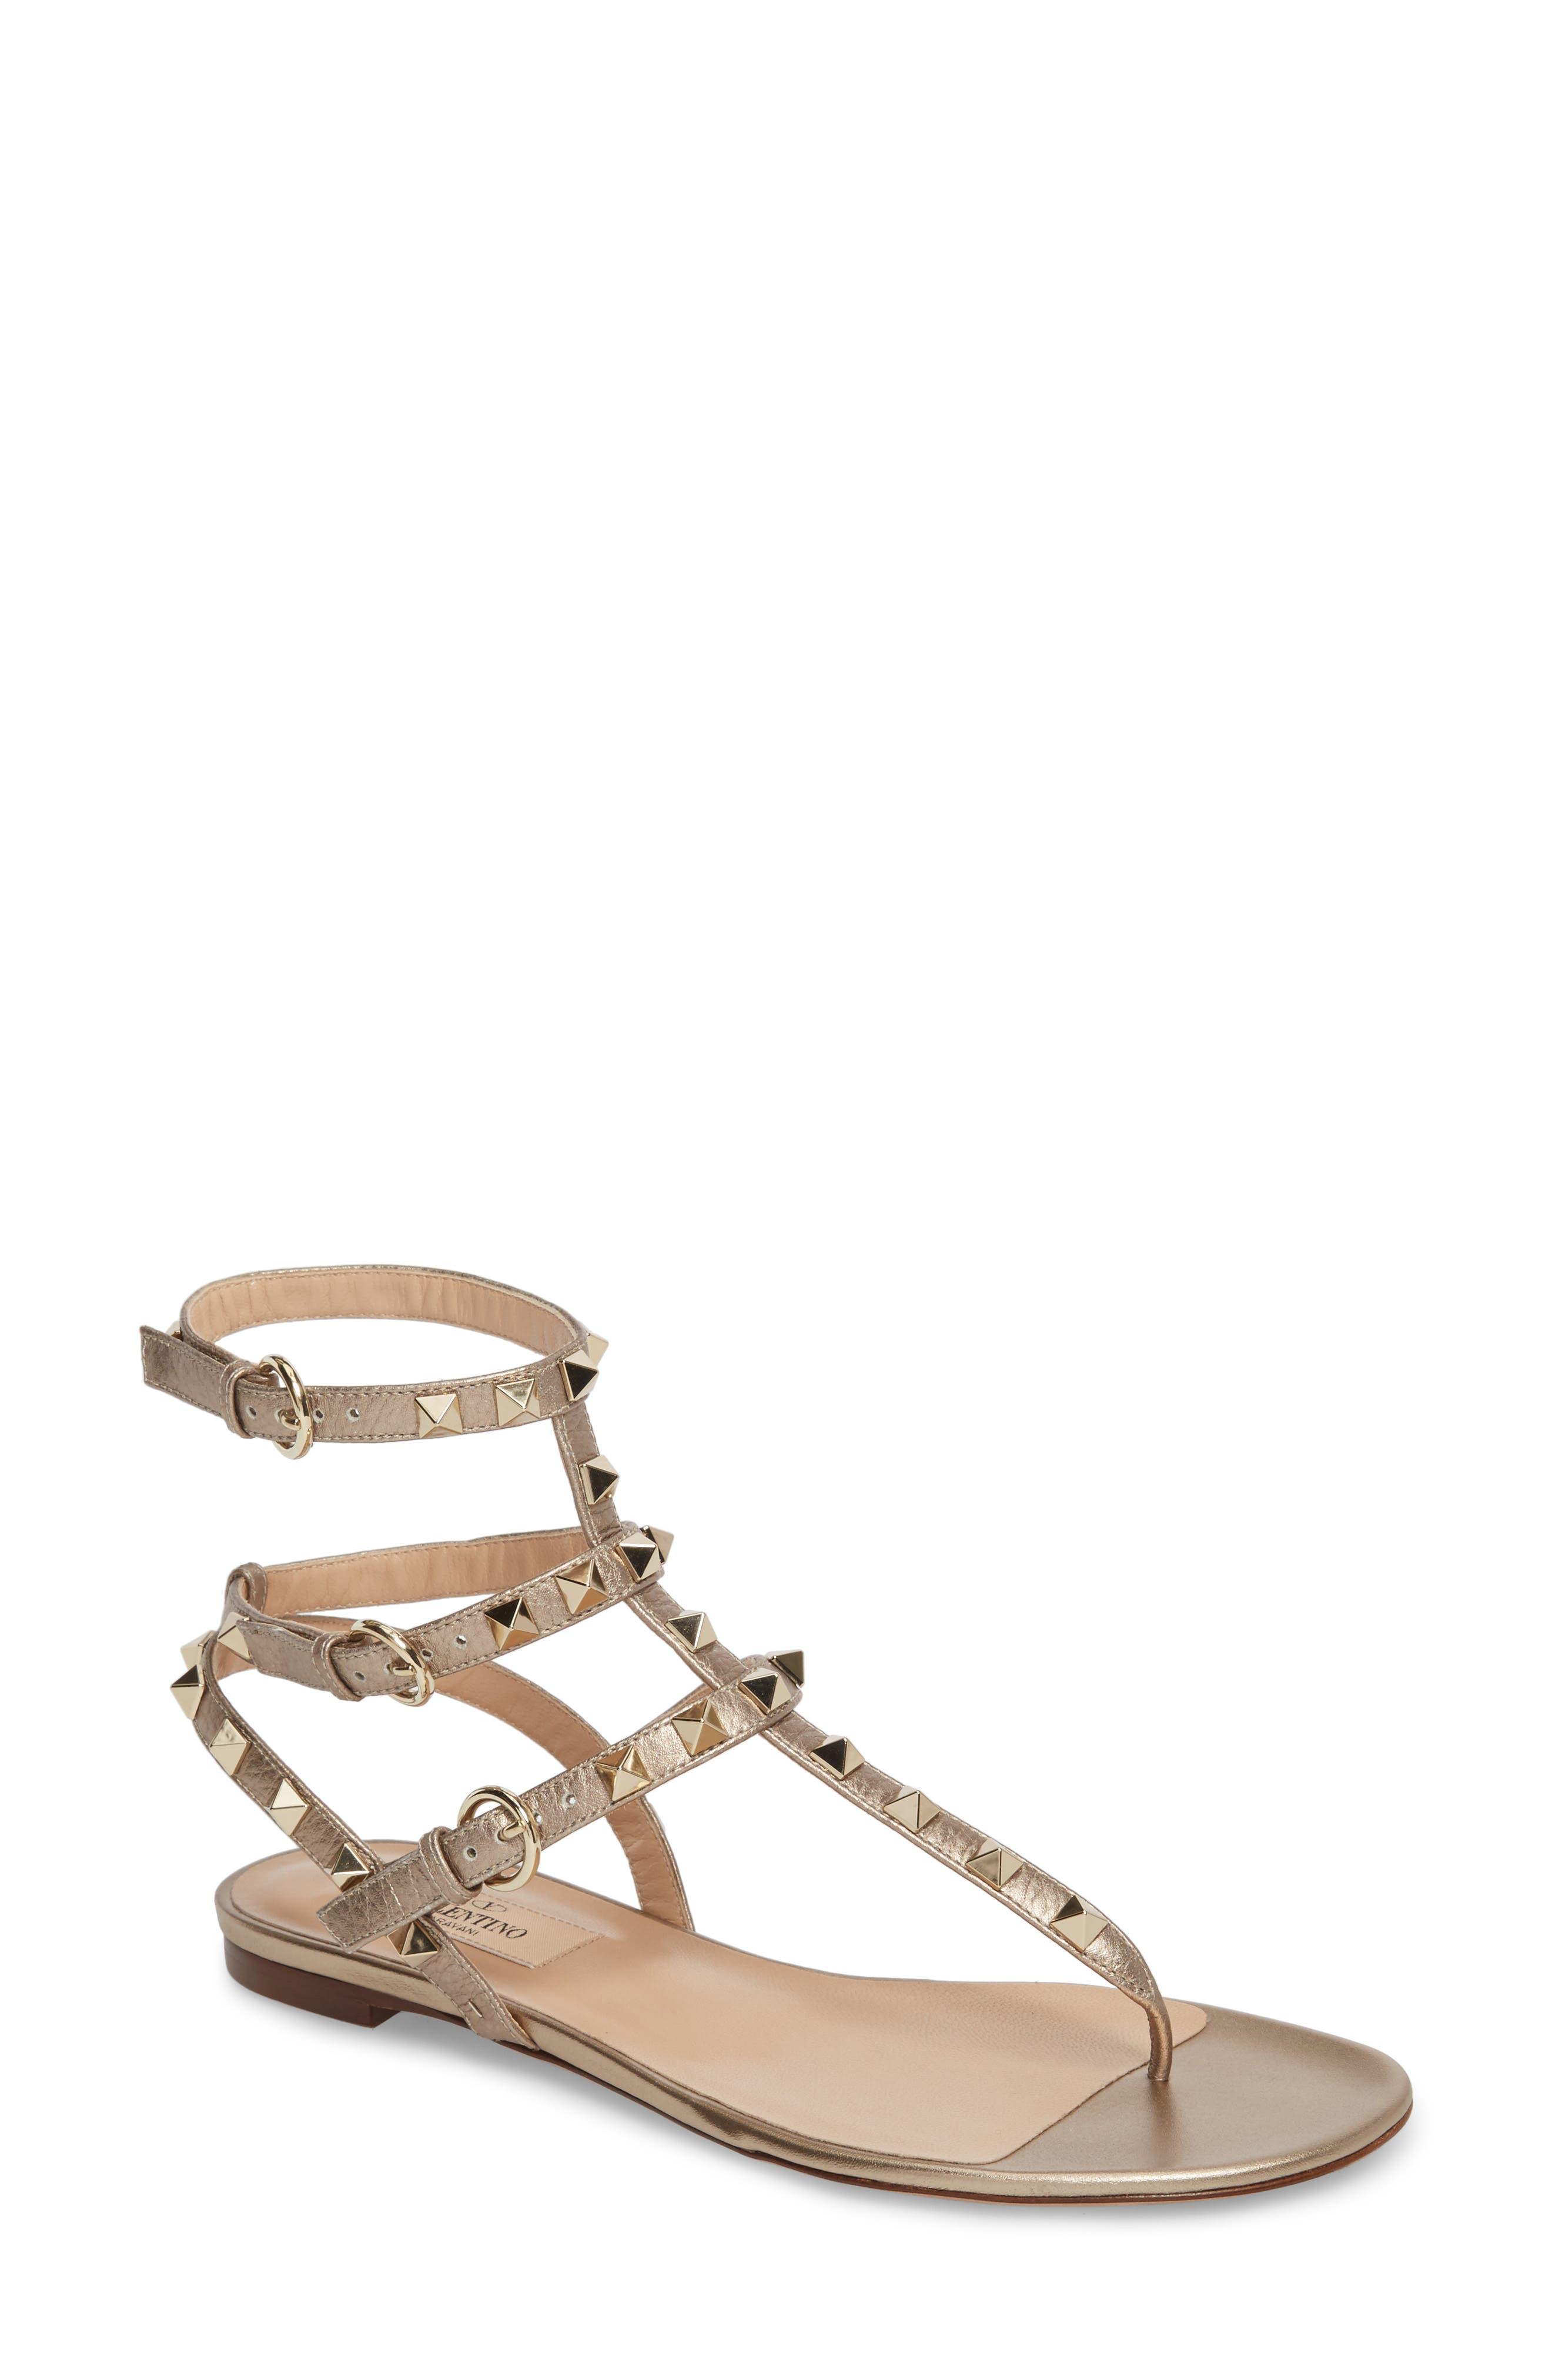 Rockstud Sandal in S69 Skin